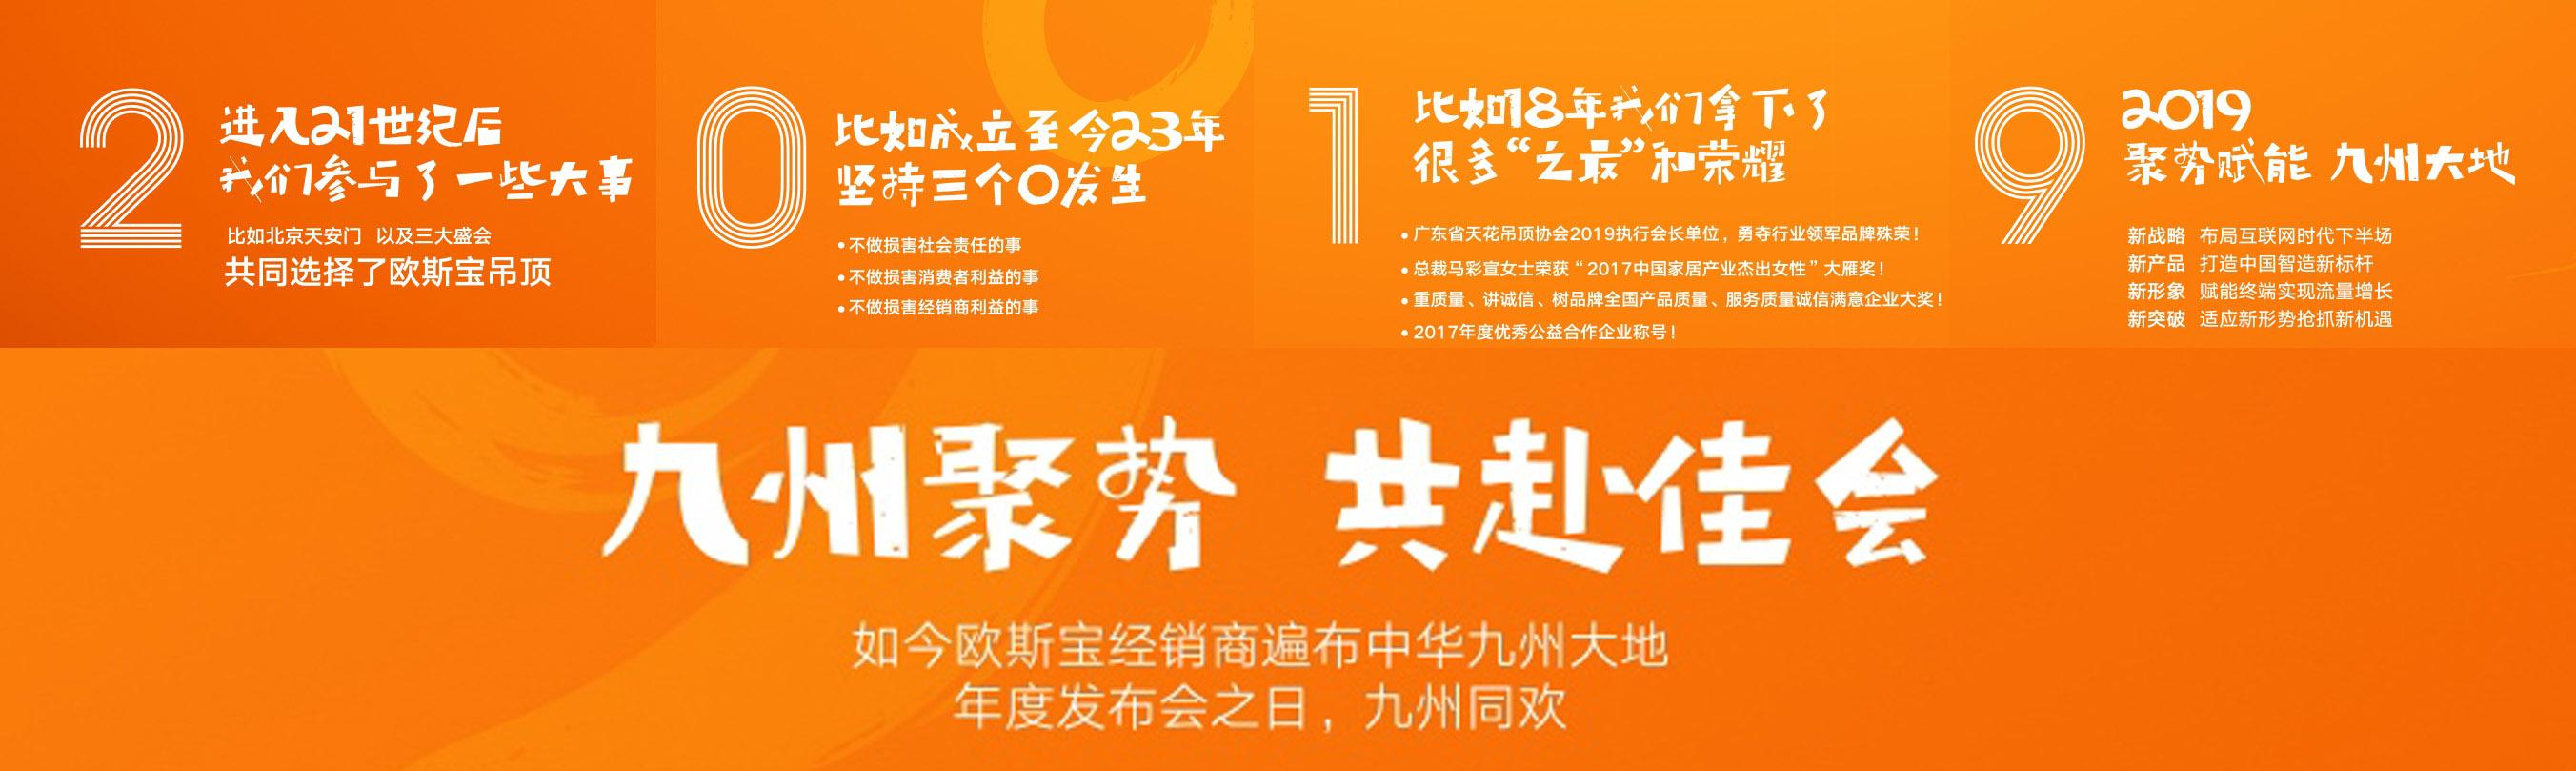 2019,九州聚势,共赴佳会